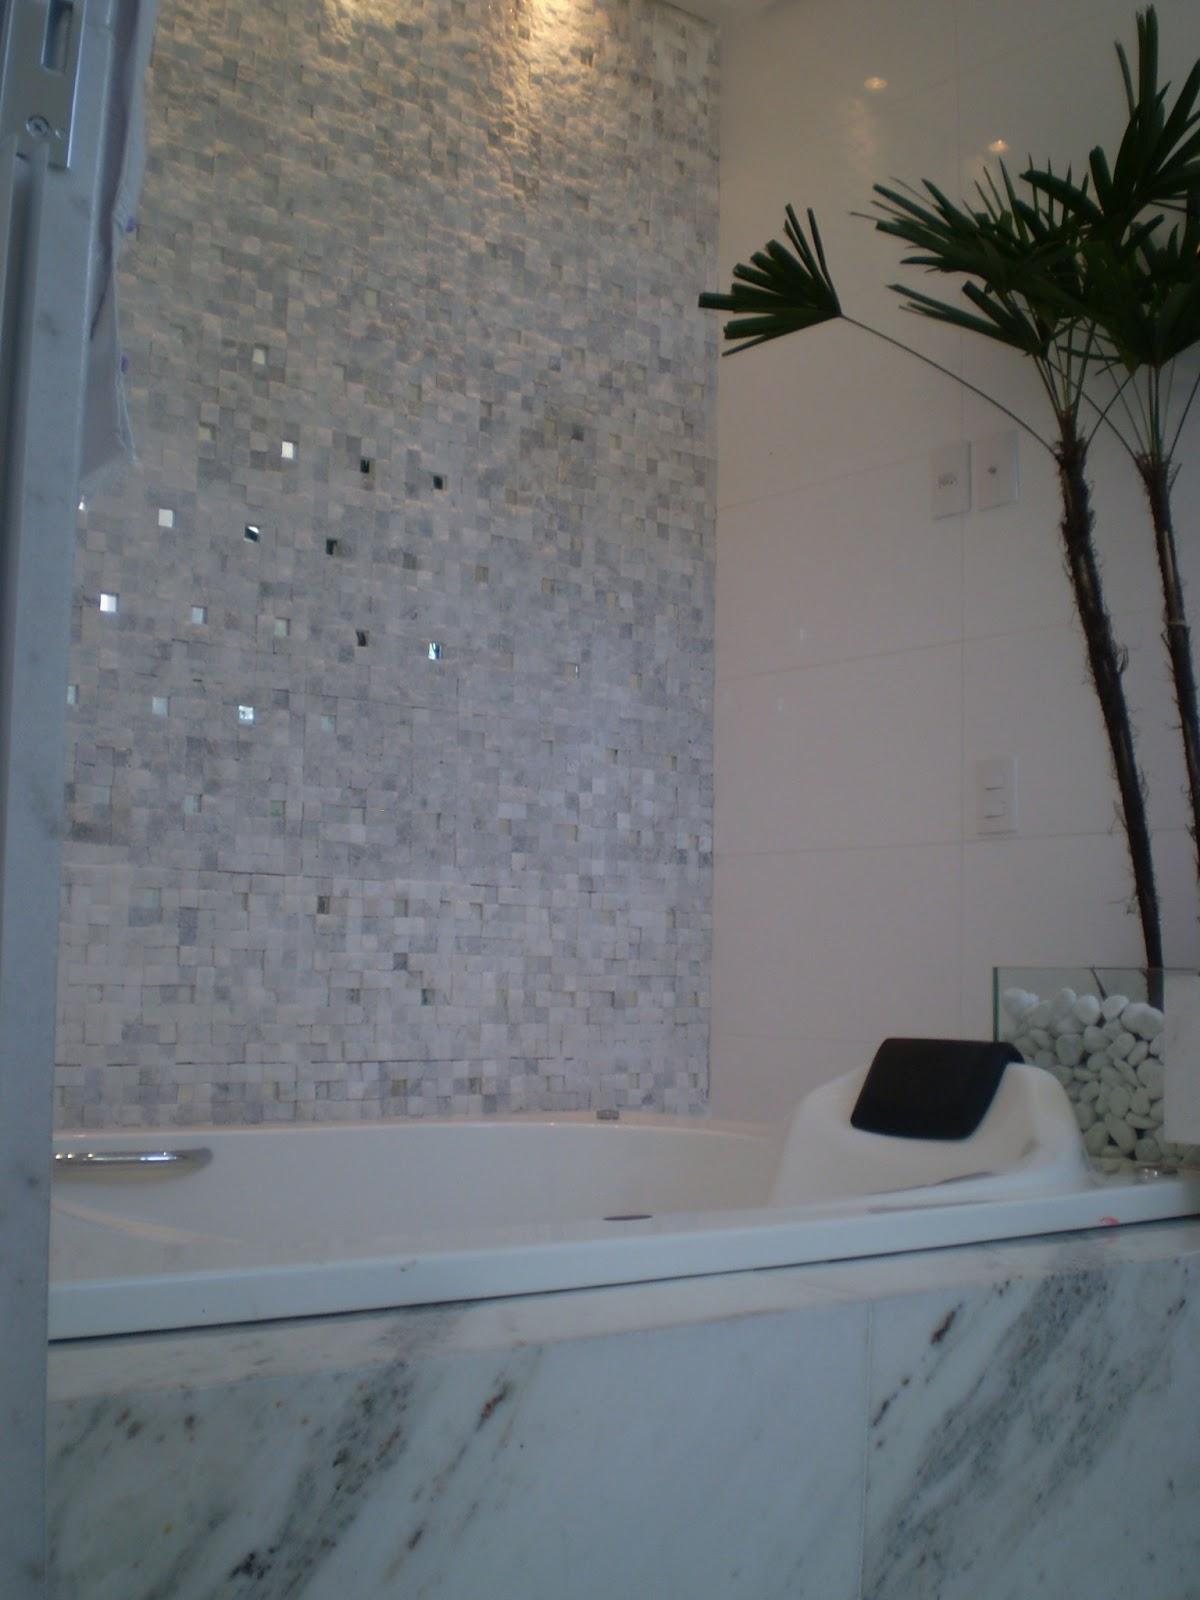 Deixei ponto pra tv na parede da banheira tão vendo (alí perto do  #9E6E2D 1200x1600 Banheiro Com Banheira E Tv